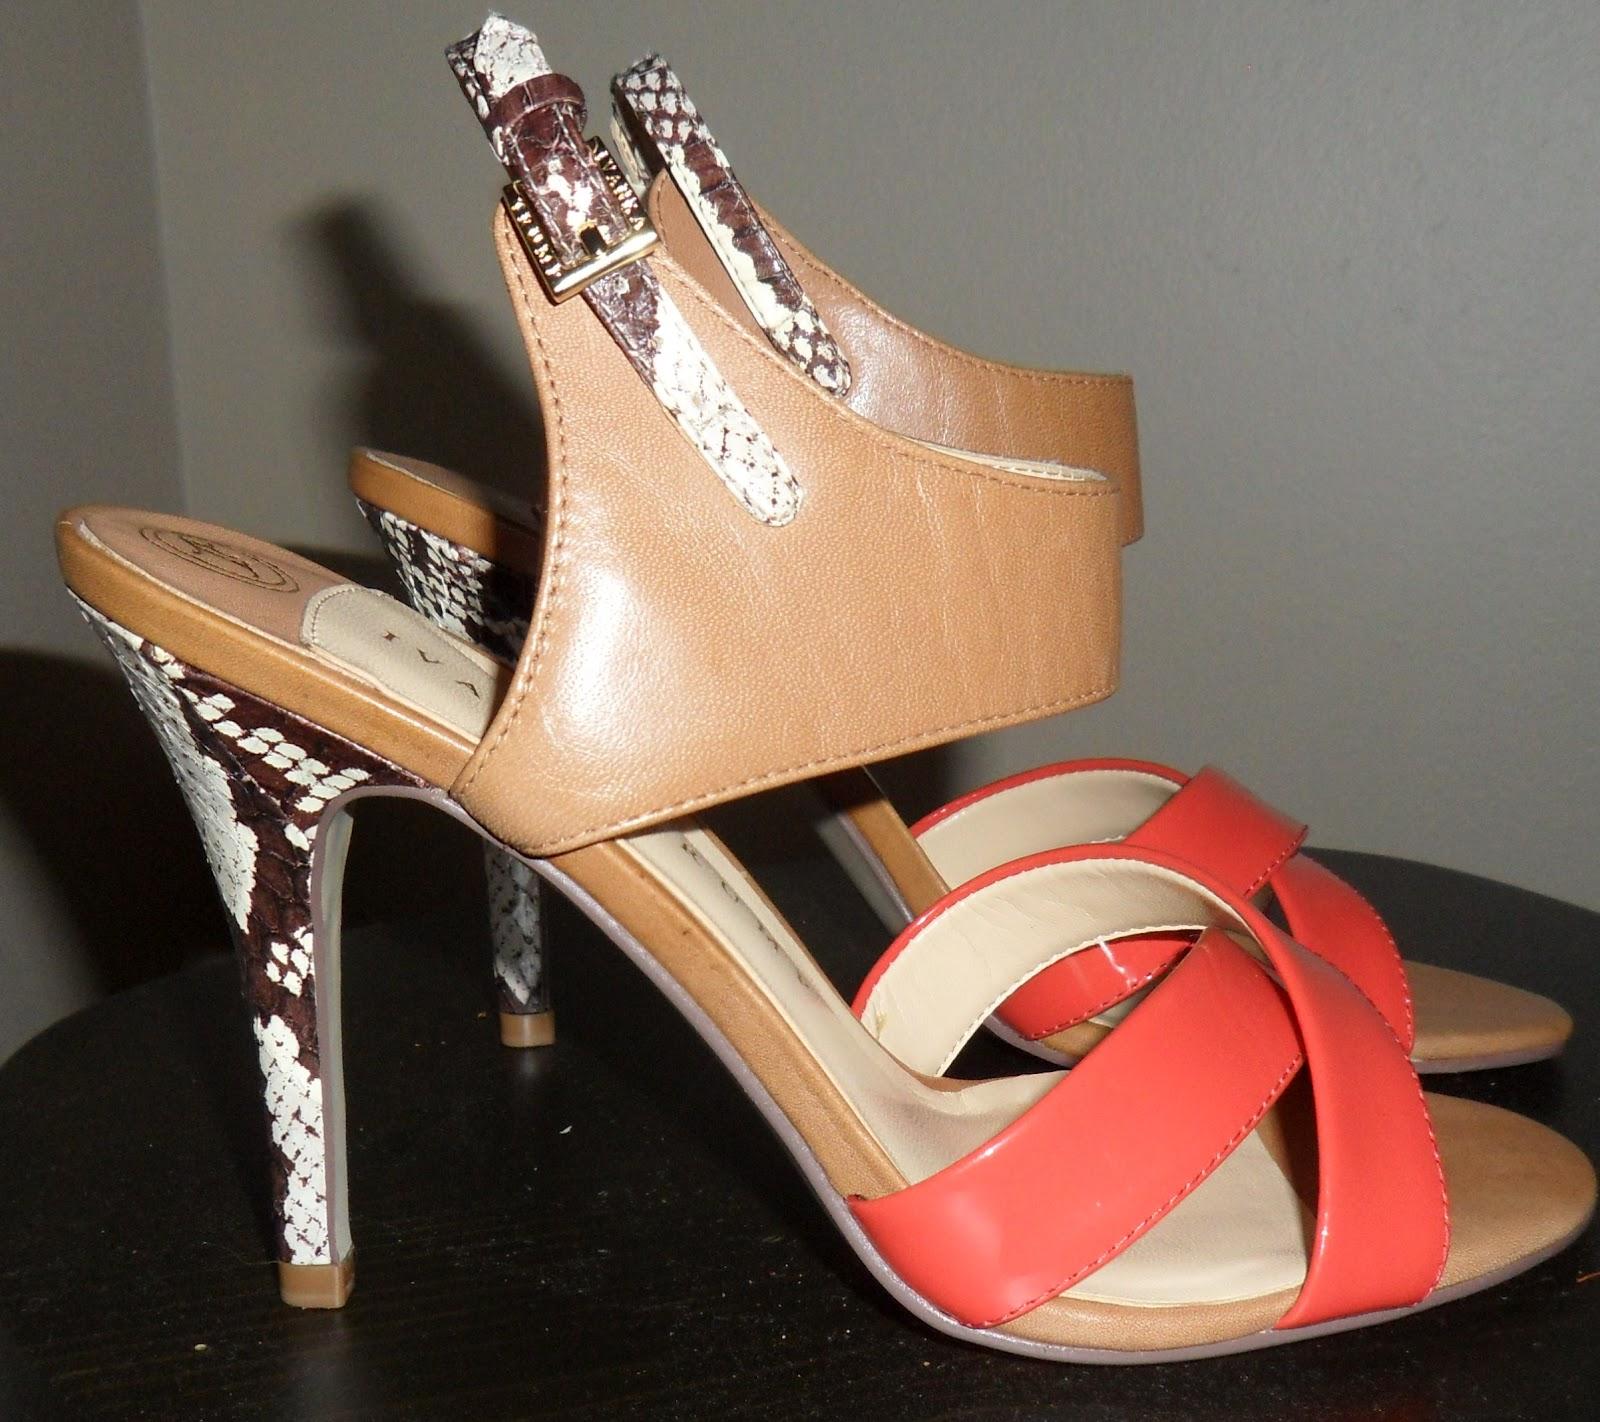 http://2.bp.blogspot.com/-vmyLGIY4_8w/UCHsY9-DriI/AAAAAAAABH8/8Rqclo28Hcc/s1600/ivanka+trump+shoe+orange-cropped.jpg